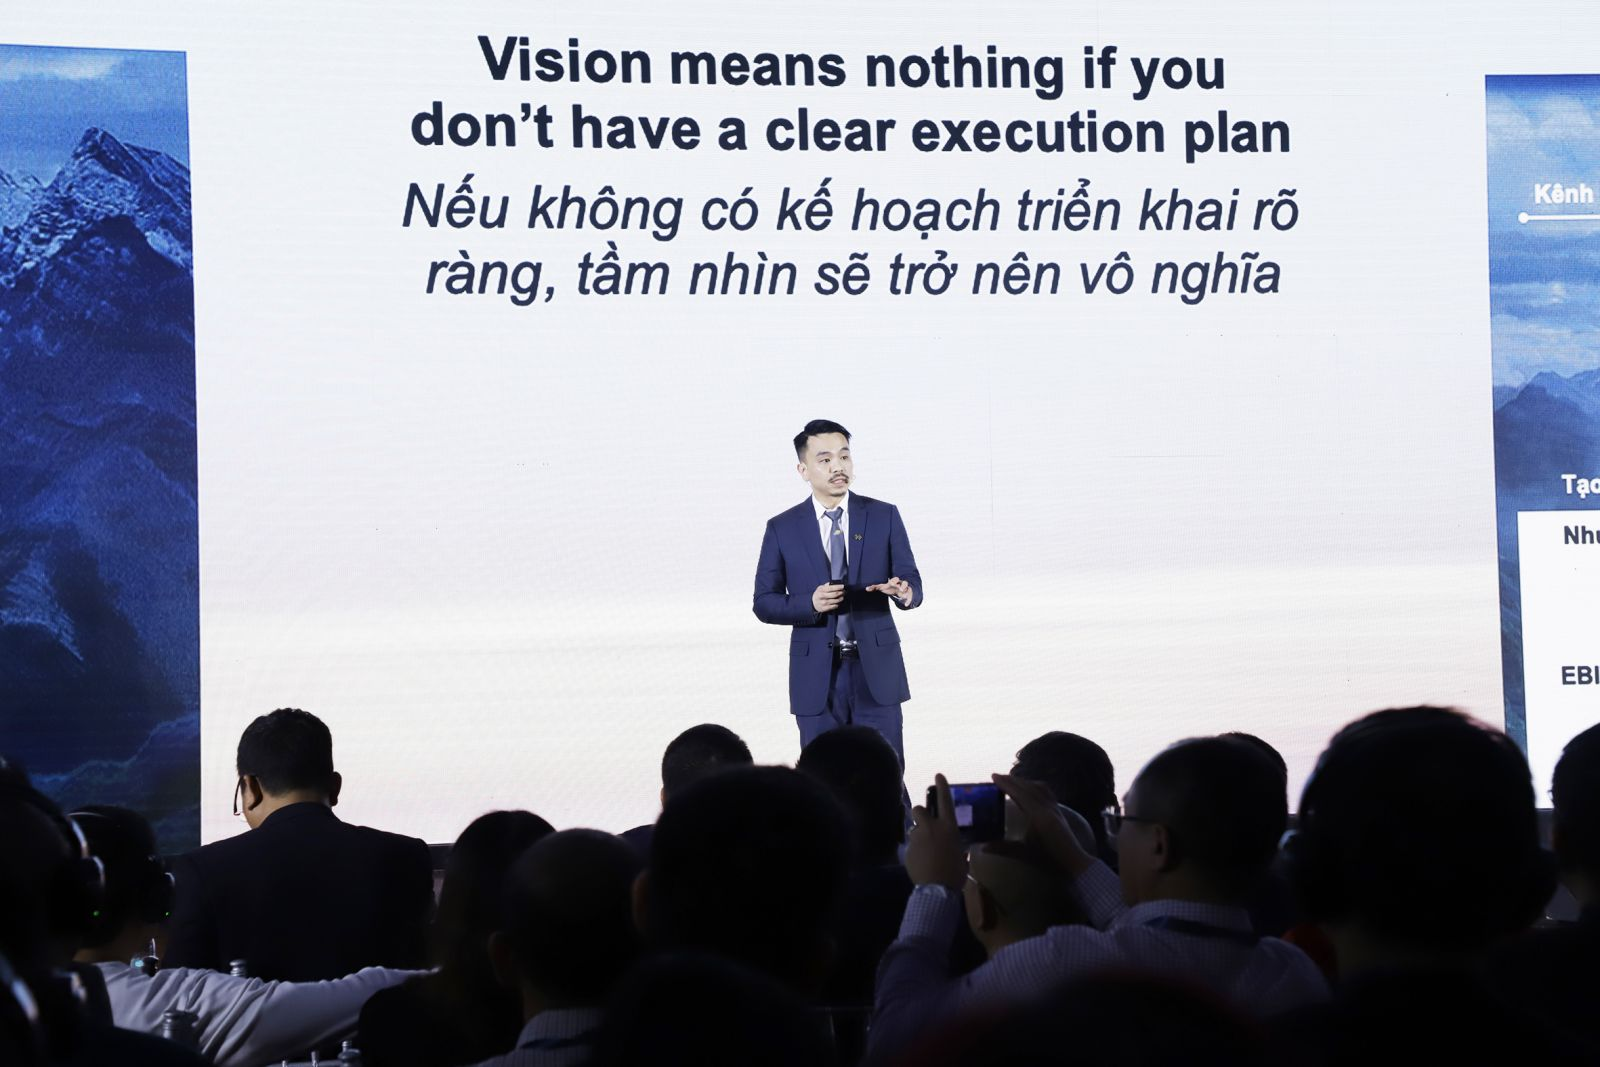 Ông Danny Le - Tổng Giám đốc Công ty Cổ phần Tập đoàn Masan